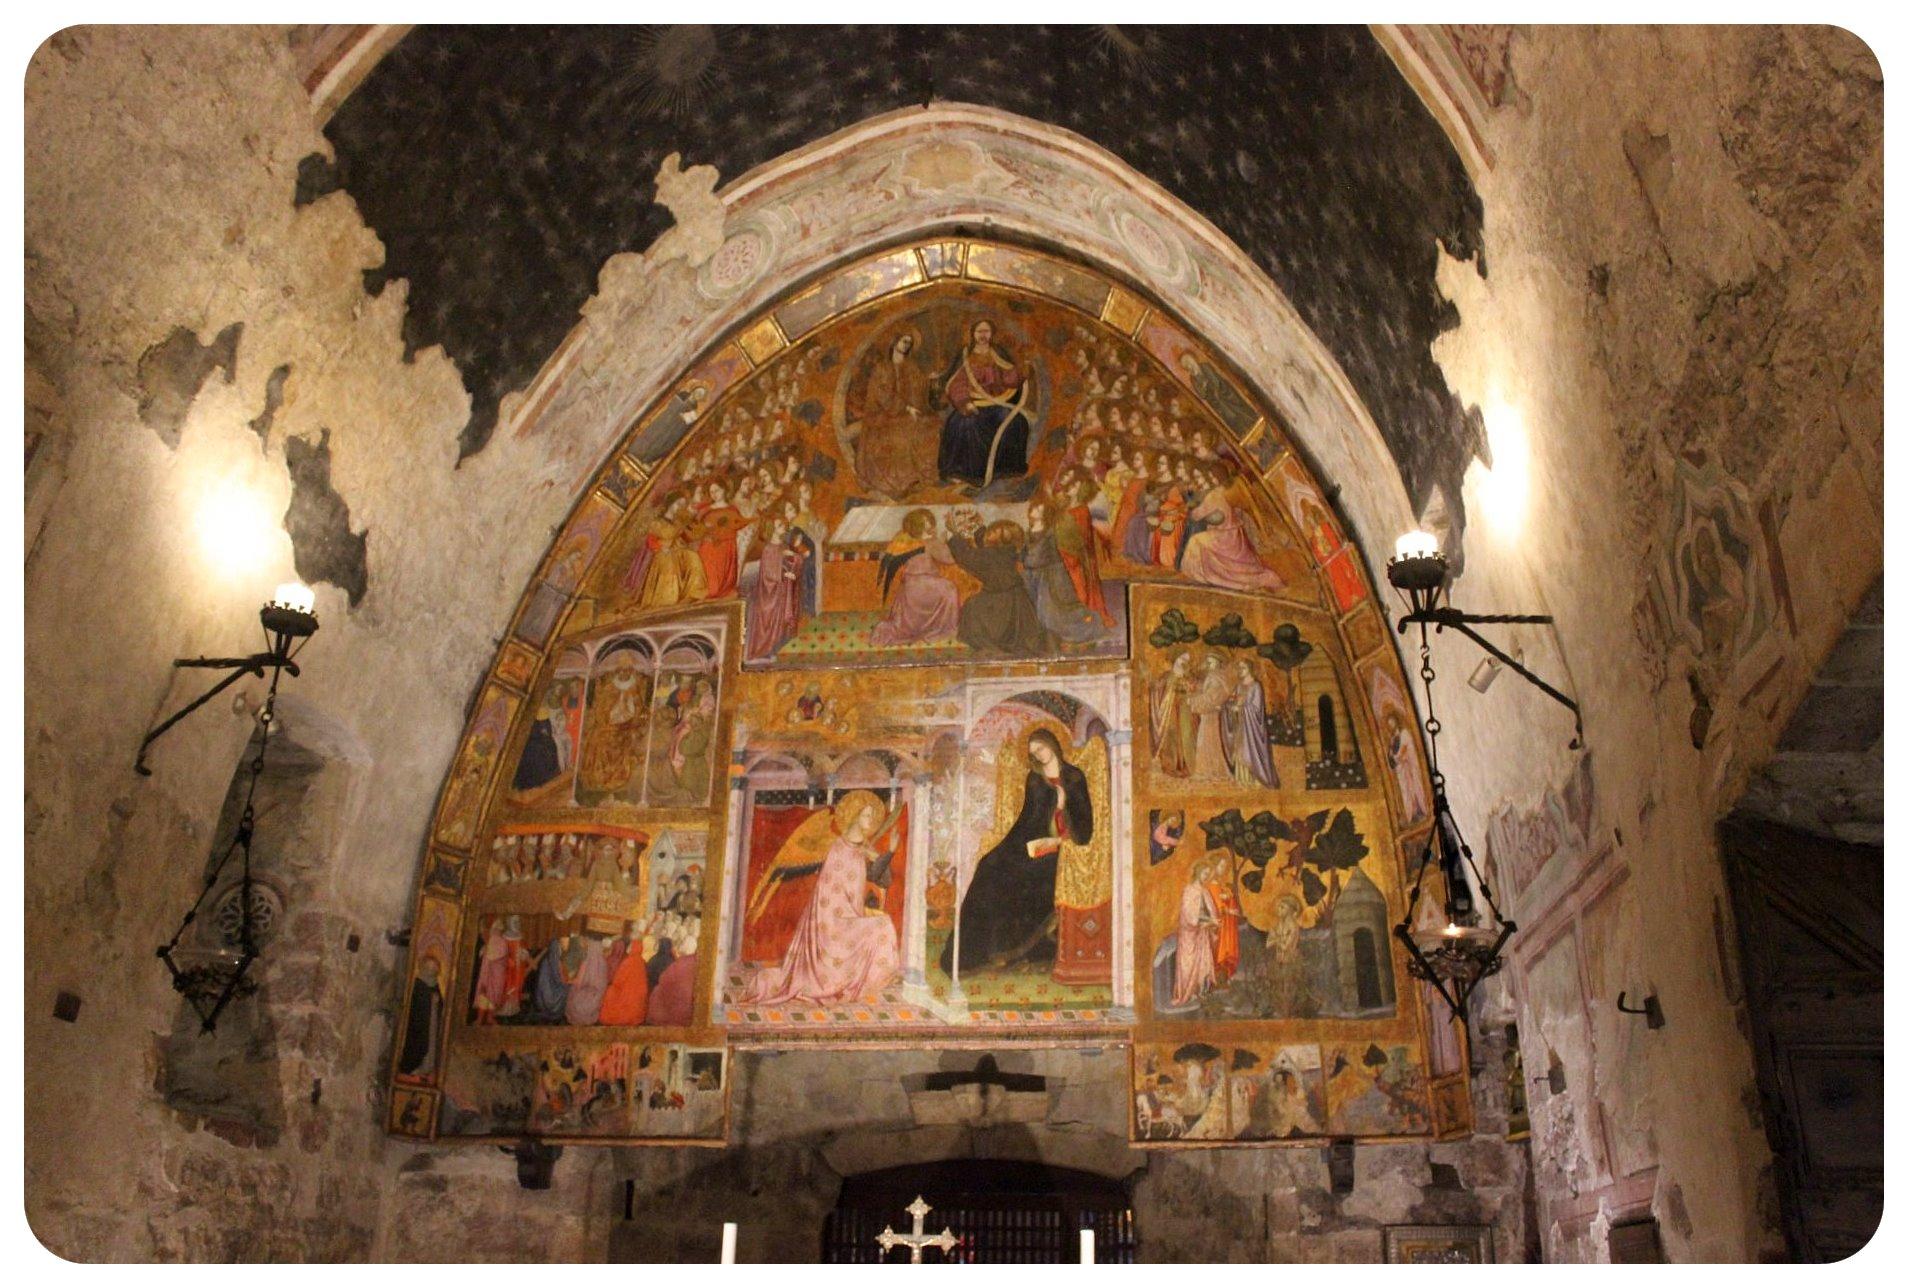 Papal Basilica of Saint Francis of Assisi